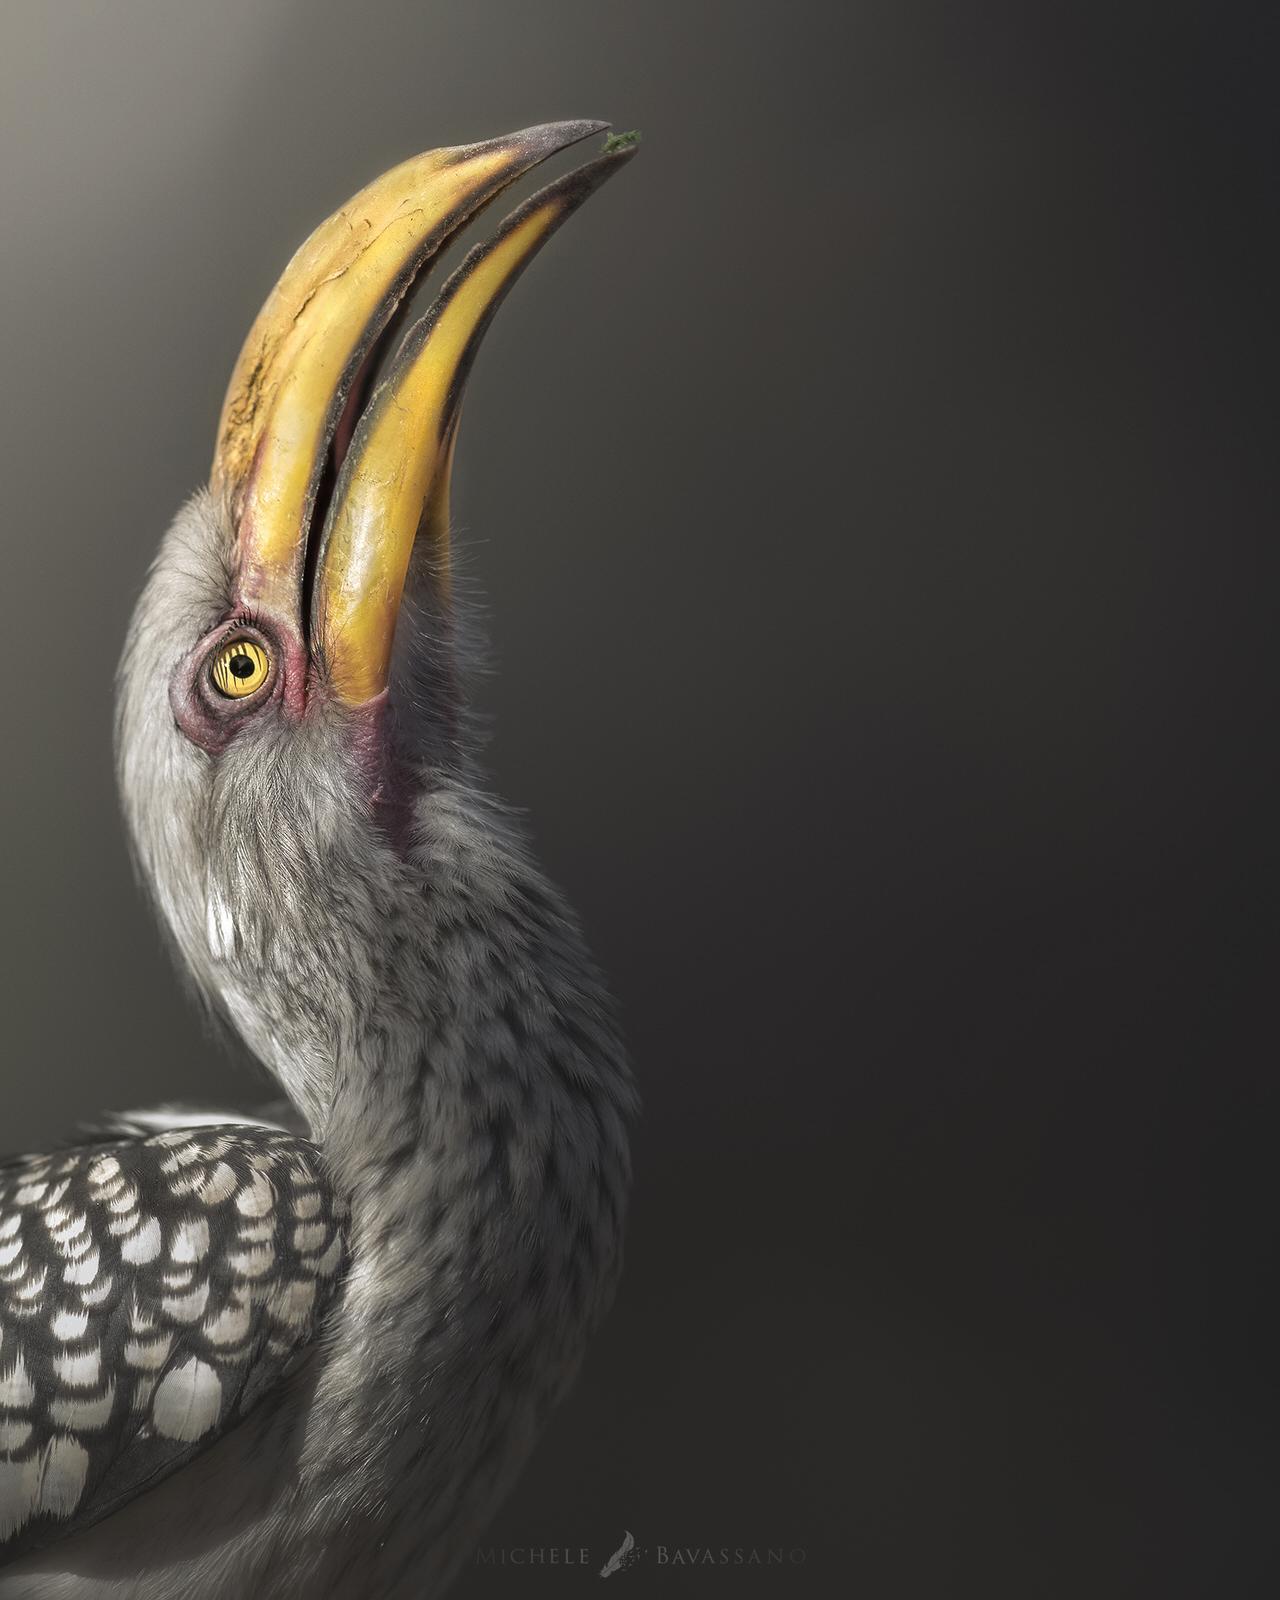 bucero becco giallo africa fotografia naturalistica